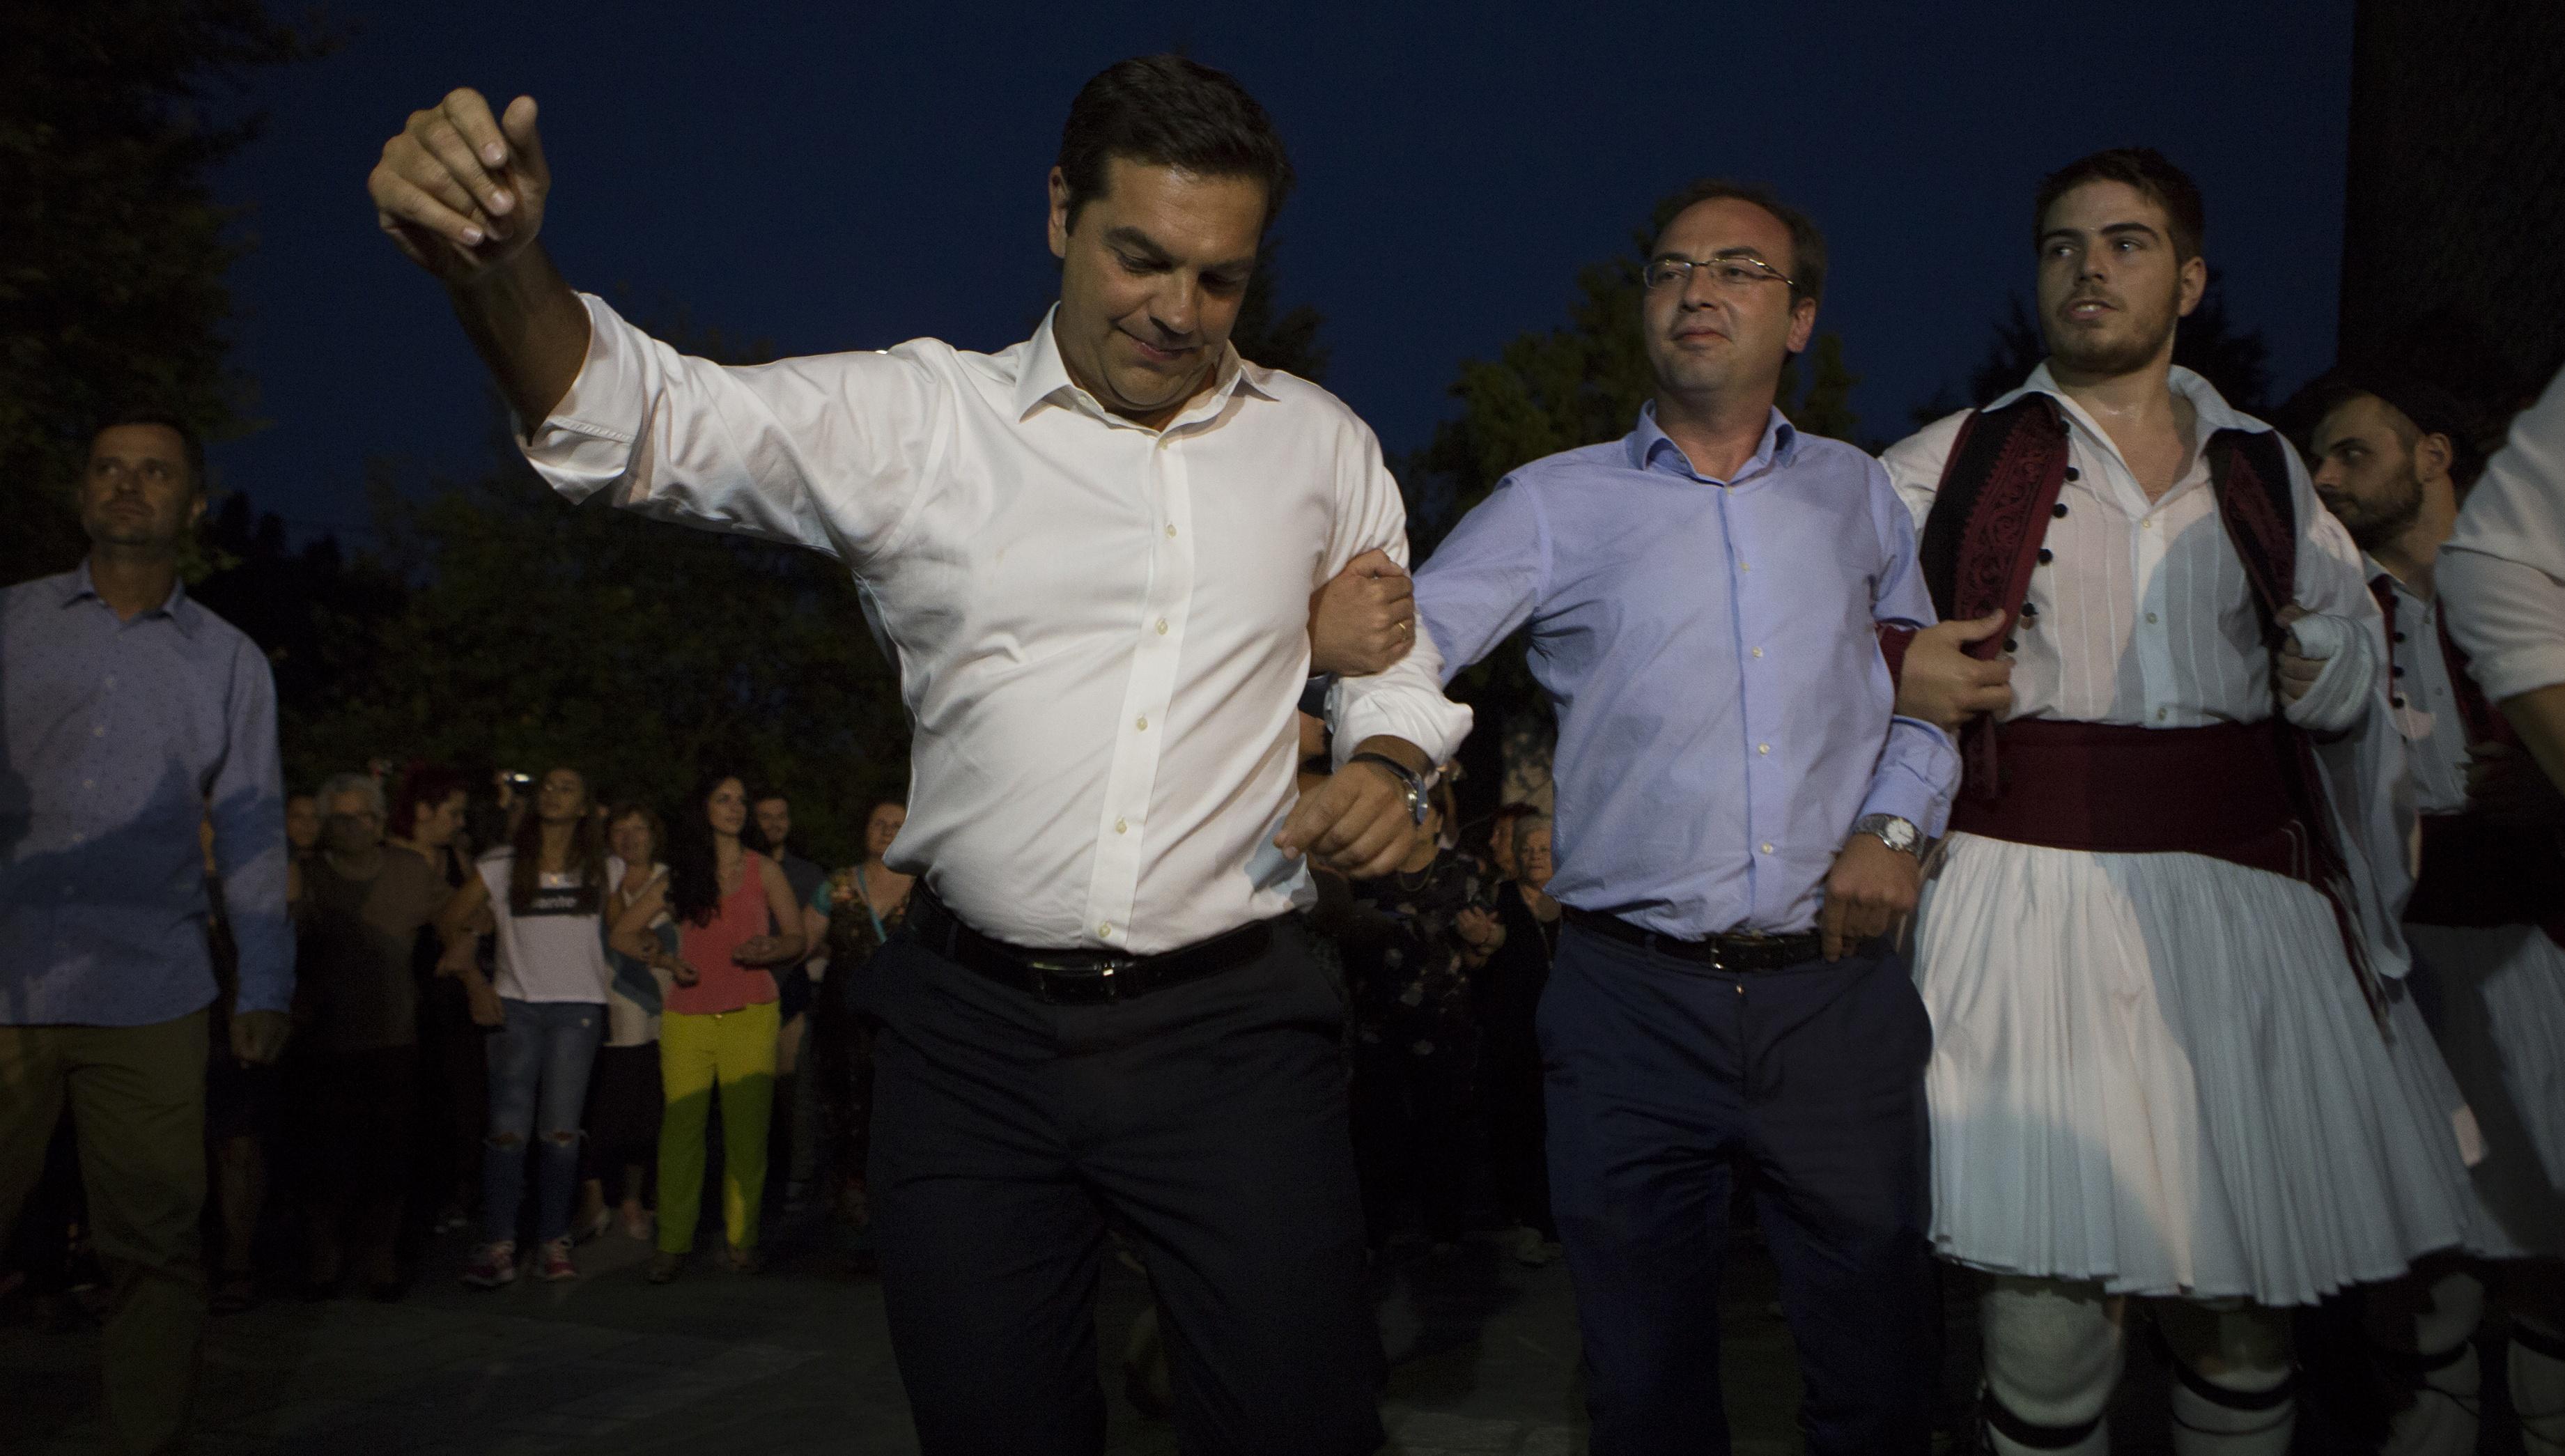 Ο πρωθυπουργός Αλέξης Τσίπρας χορεύει στην πλατεία του χωριού του, το Αθαμάνιο Άρτας, τον παραδοσιακό χορό των Τζουμέρκων και των χωριών στα Αθαμάνια Ορη, το «Καγκελάρι», την Τρίτη 16 Αυγούστου 2016, ανήμερα της ημέρας που γιορτάζει το Αθαμάνιο. Ο πρωθυπουργός, κατά την επίσκεψή του στο Αθαμάνιο 'Αρτας, έδειξε να απολαμβάνει τούτο το αντάμωμα με συγγενείς και φίλους. ΑΠΕ-ΜΠΕ/ΑΠΕ-ΜΠΕ/ΡΑΠΑΚΟΥΣΗΣ ΔΗΜΗΤΡΗΣ